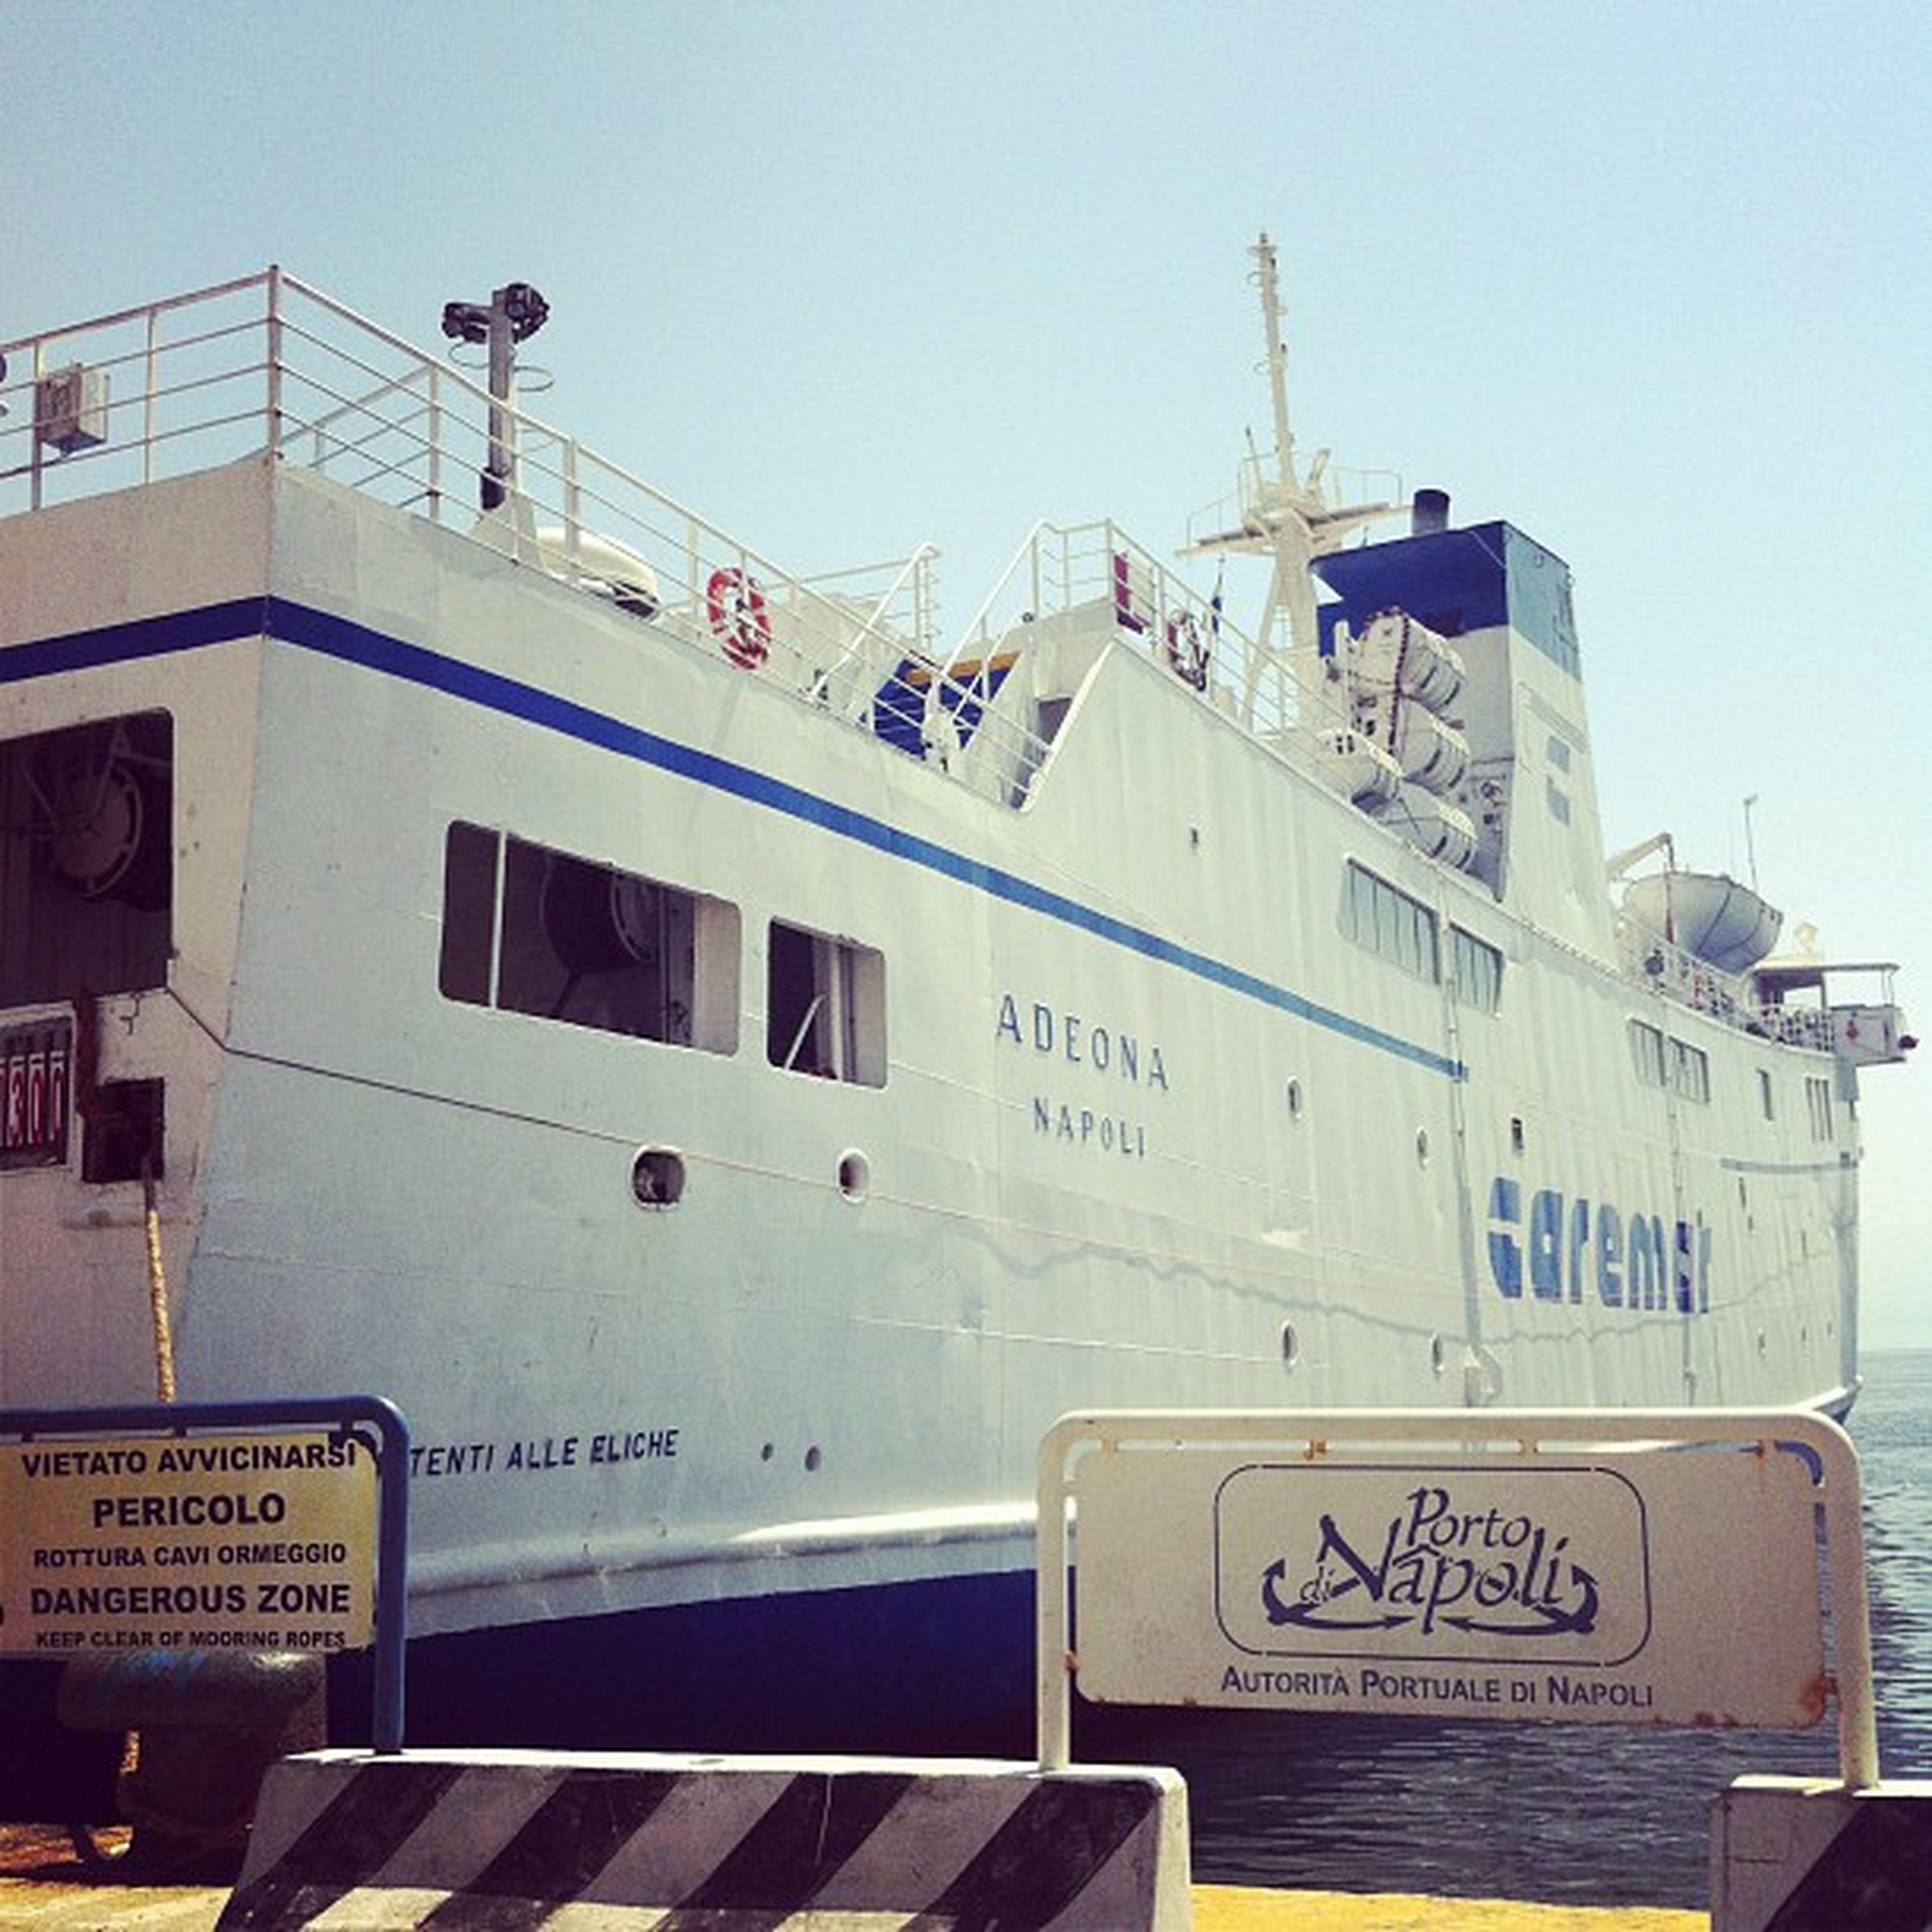 #porto #napoli #caremar #adeona #capri #isola #faehre Porto Napoli Capri Weiss Schiff Rost Farbe Mittelmeer Traghetto Isola Faehre Caremar Adeona